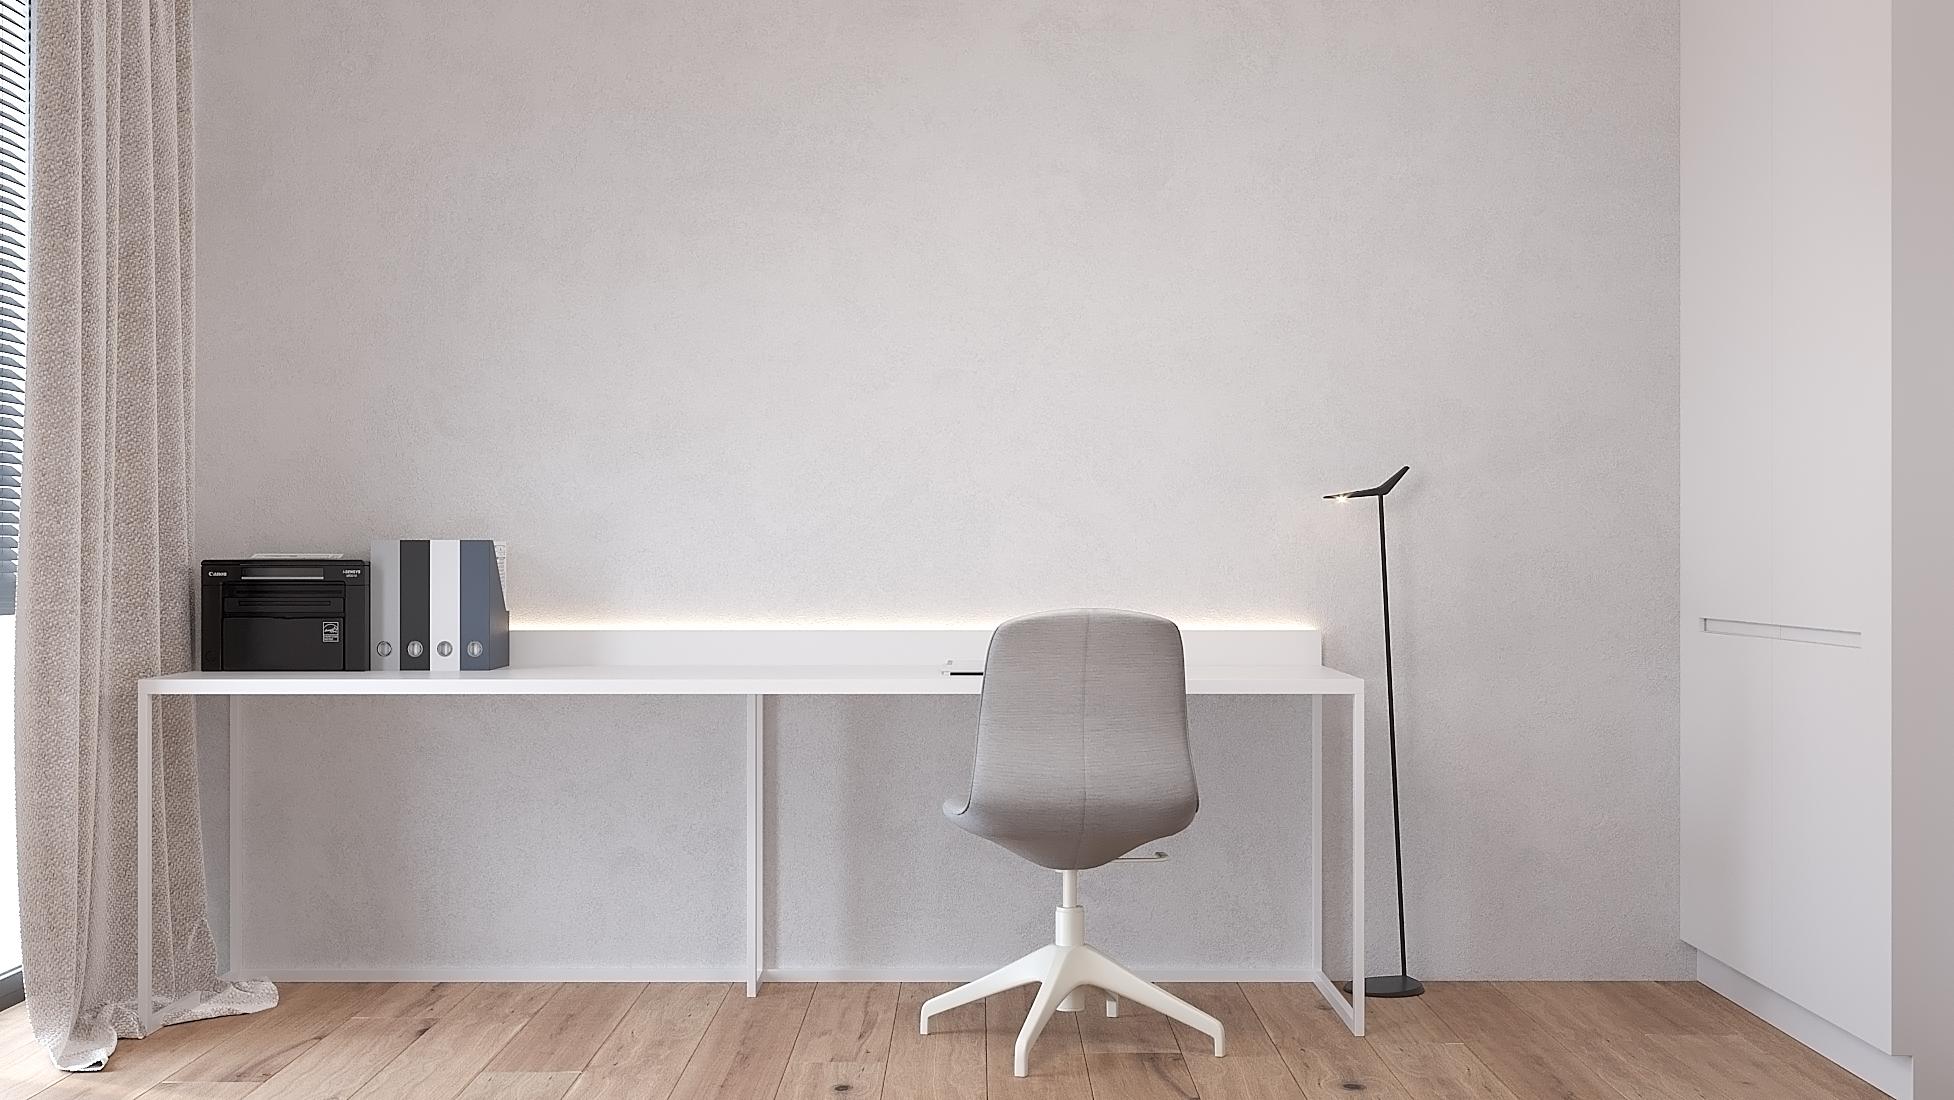 15 projekty wnetrz D495 dom Krakow gabinet biurko na stelazu matalowym drewniana podloga